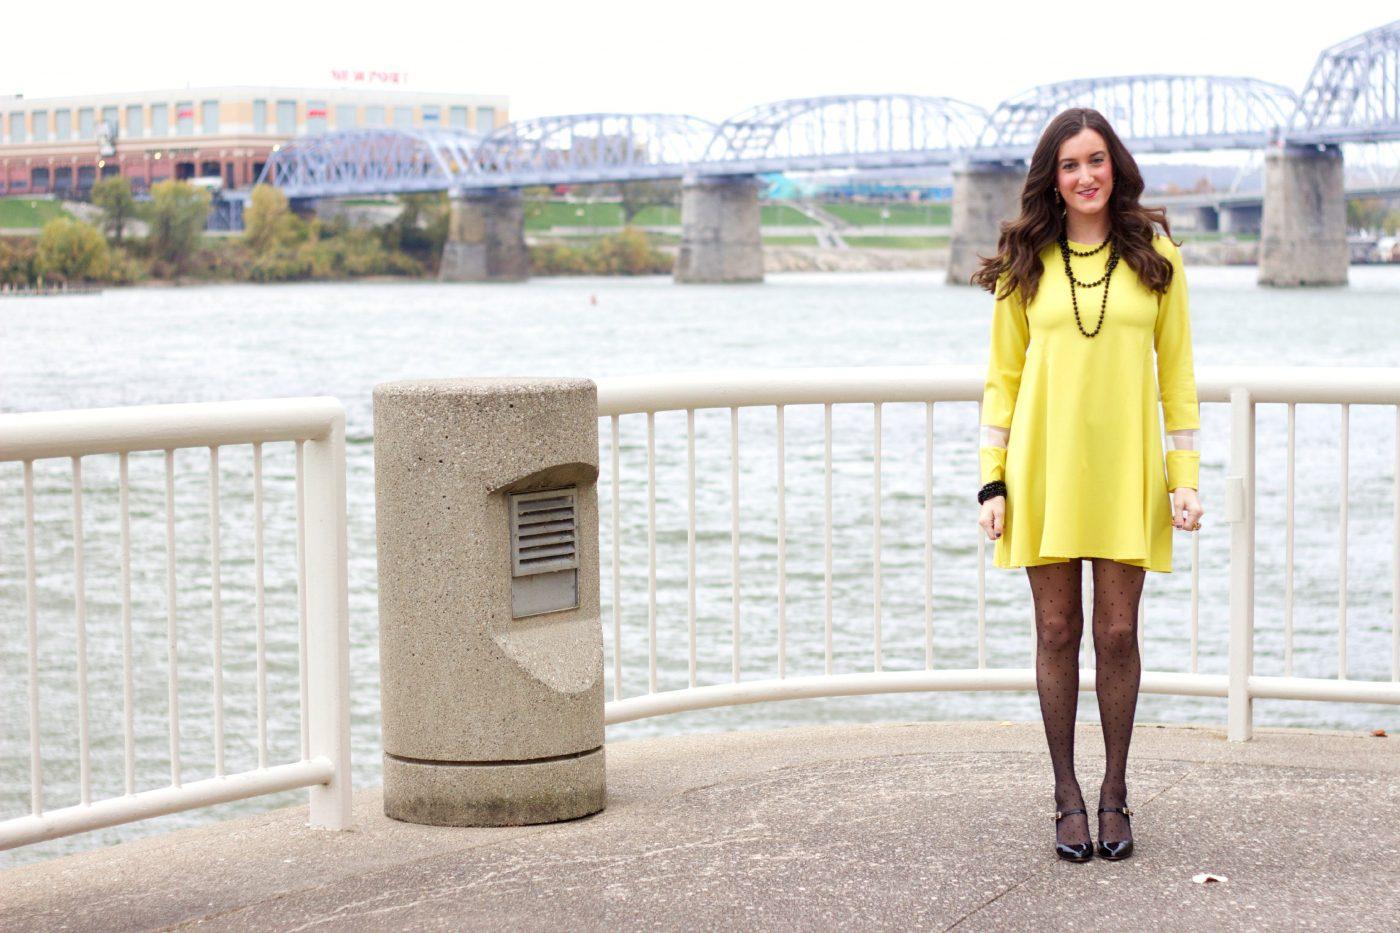 ASOS Yellow Dress with Polka Dot Tights